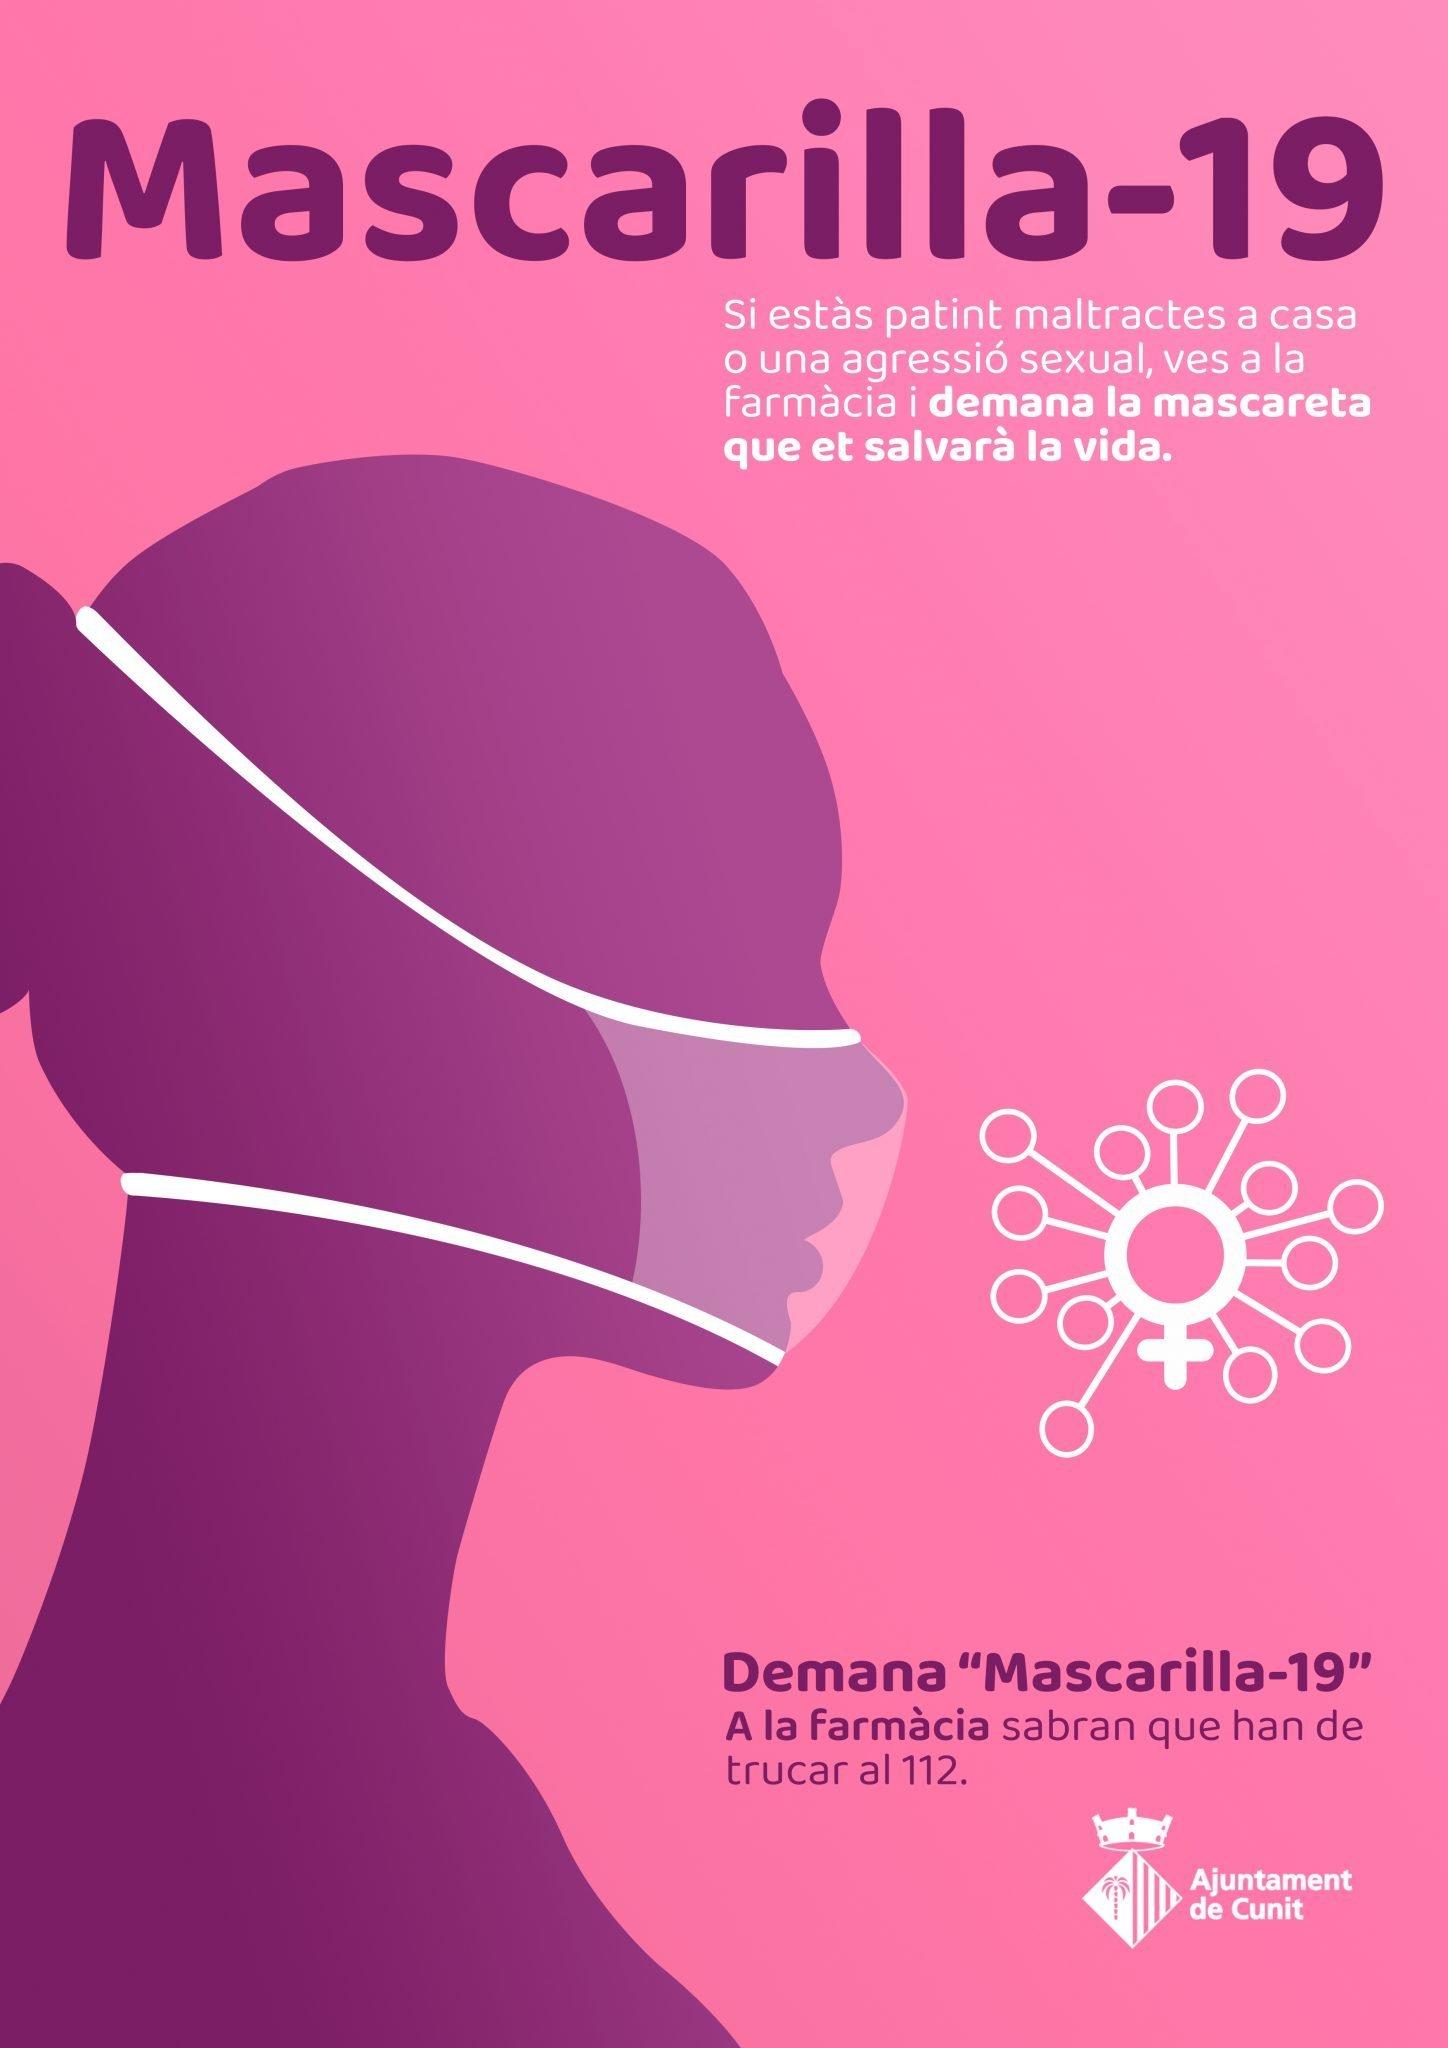 Noves accions contra la violència de gènere a través de les farmàcies